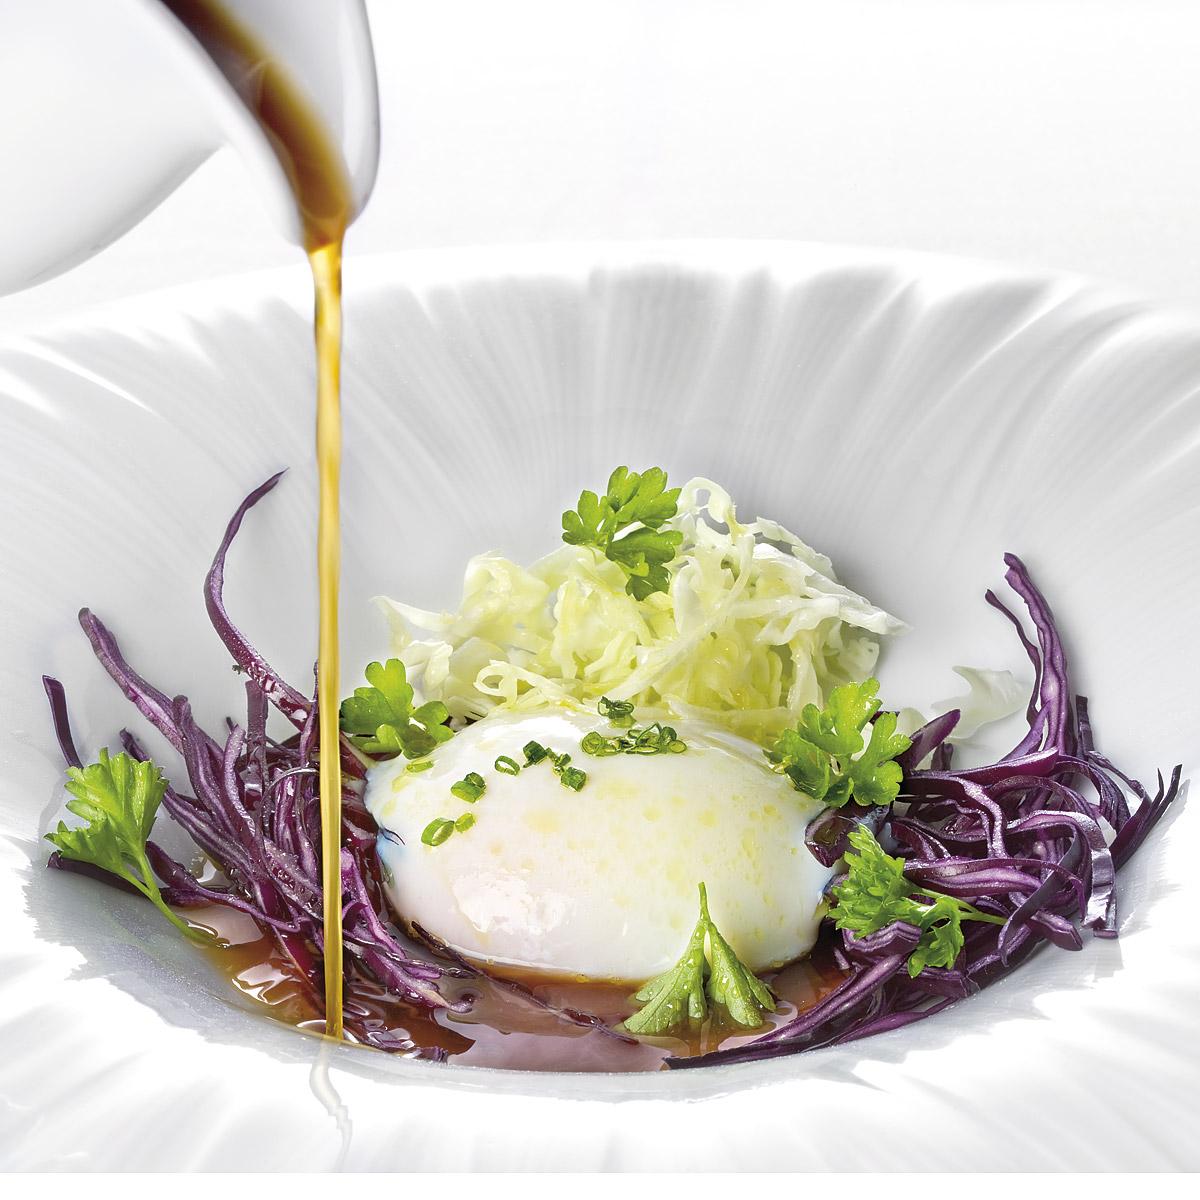 Huevo pochado y caldo de gallina asada